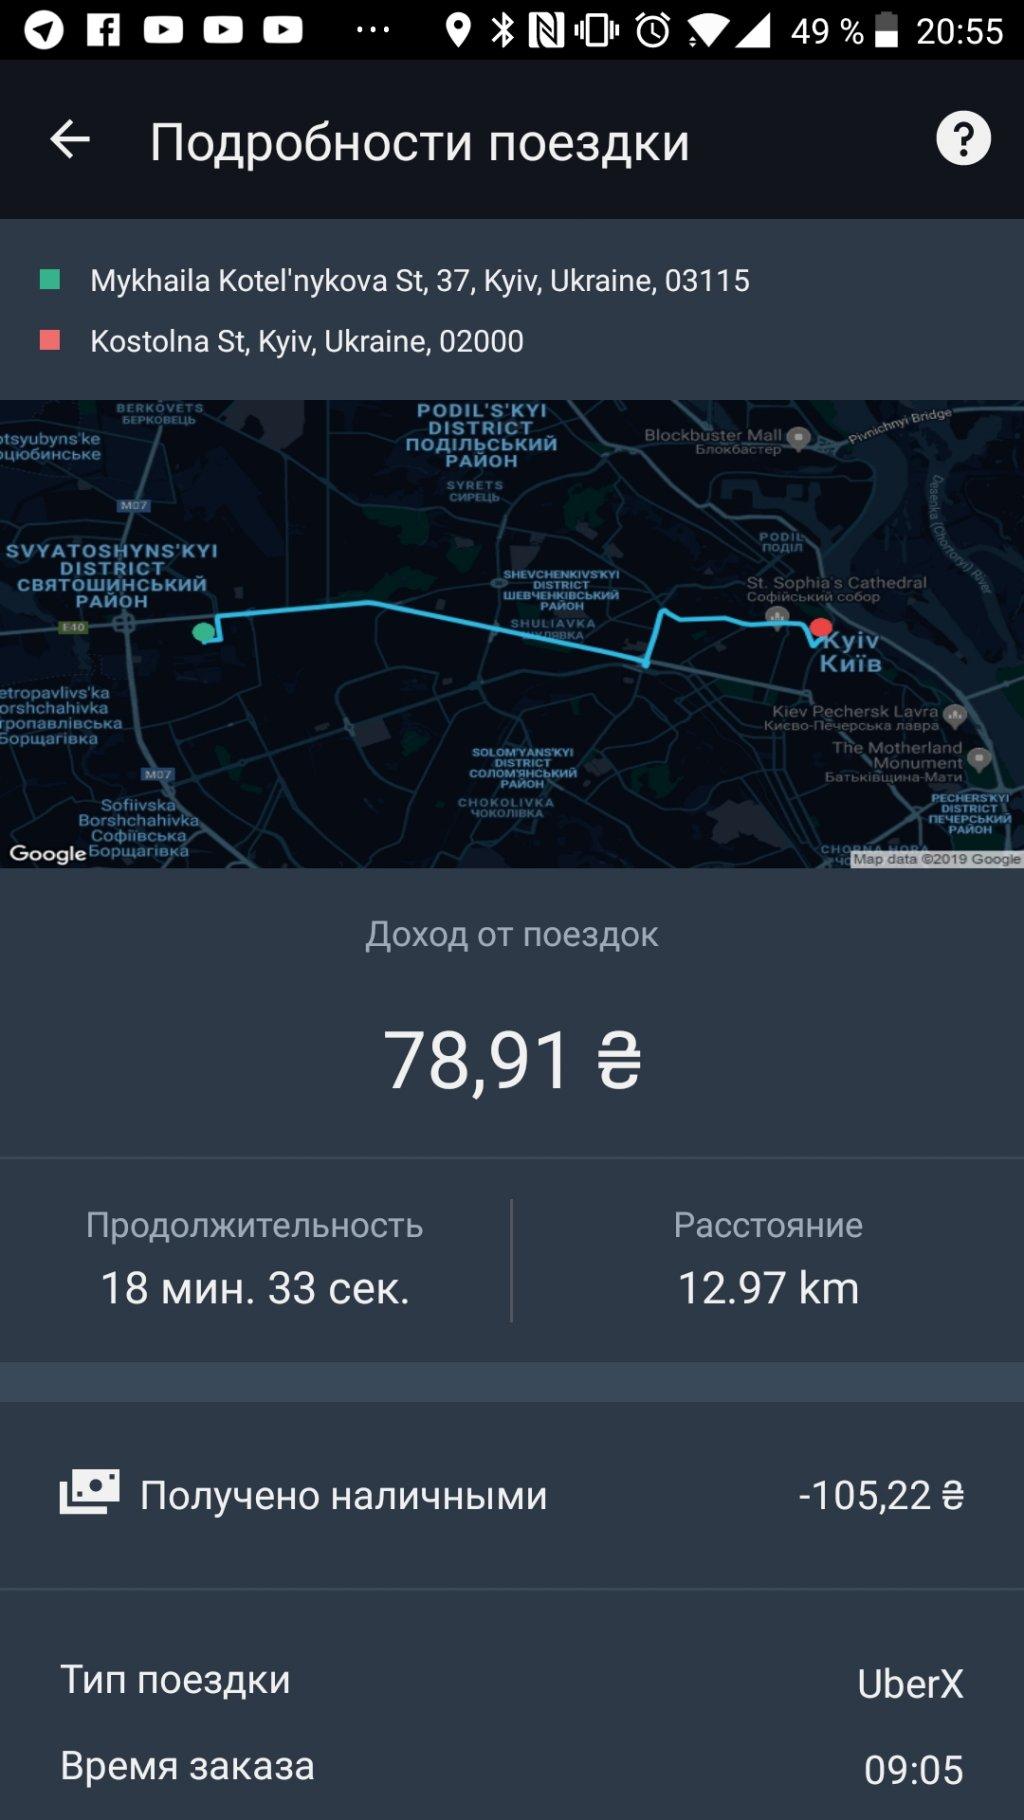 Uber - Нечего не заработаешь